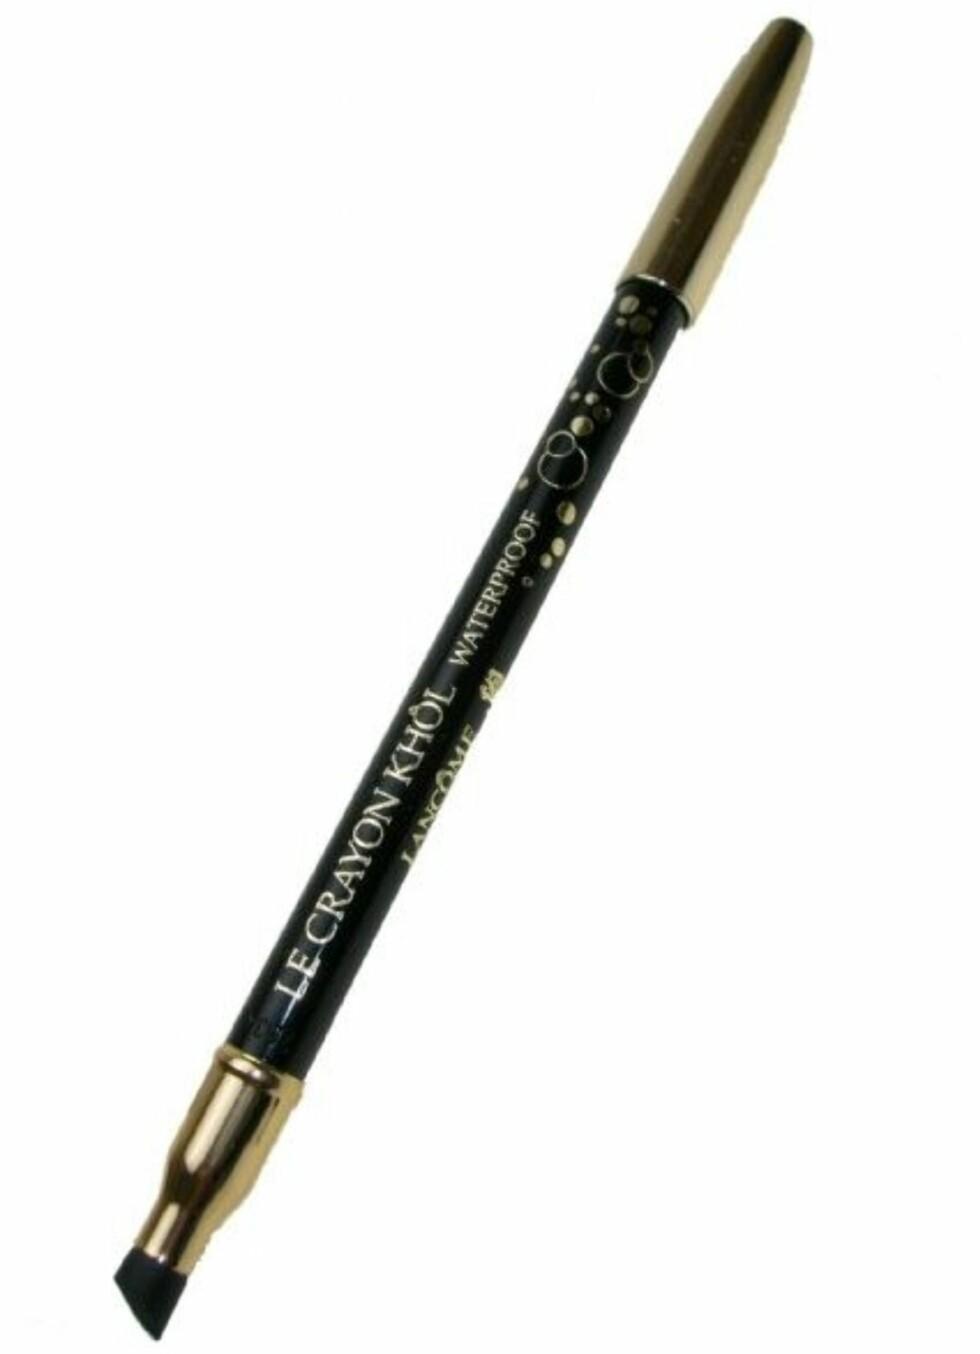 Lancome Le crayon khôl waterproof kajal (blyant) med gummi i den ene enden for å kunne duse ut kajalen hvis du ønsker en sotet effekt. Denne sitter veldig godt, og kan derfor brukes med stort hell også under øyet. Ikke for presise linjer, mer en mer smudgy look. Foto: Produsenten